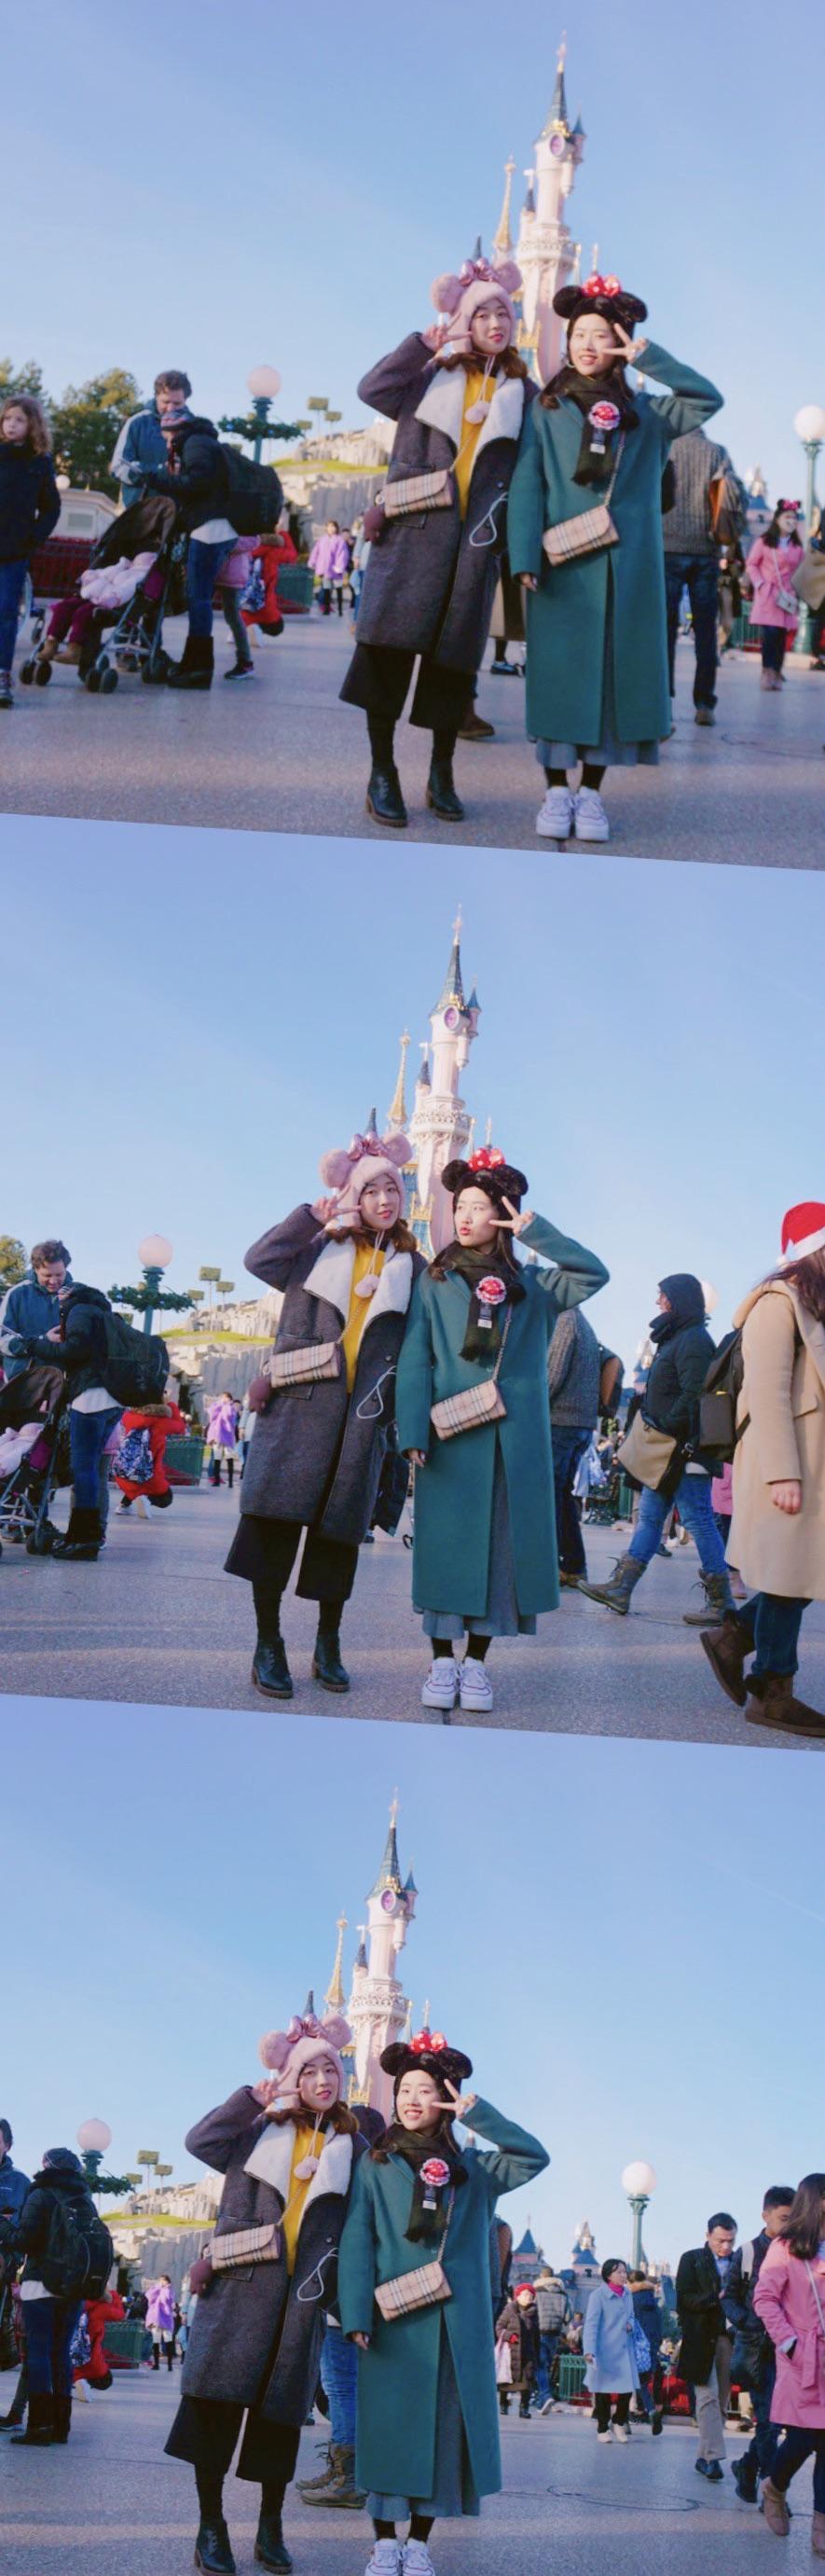 💕我们在迪士尼过圣诞